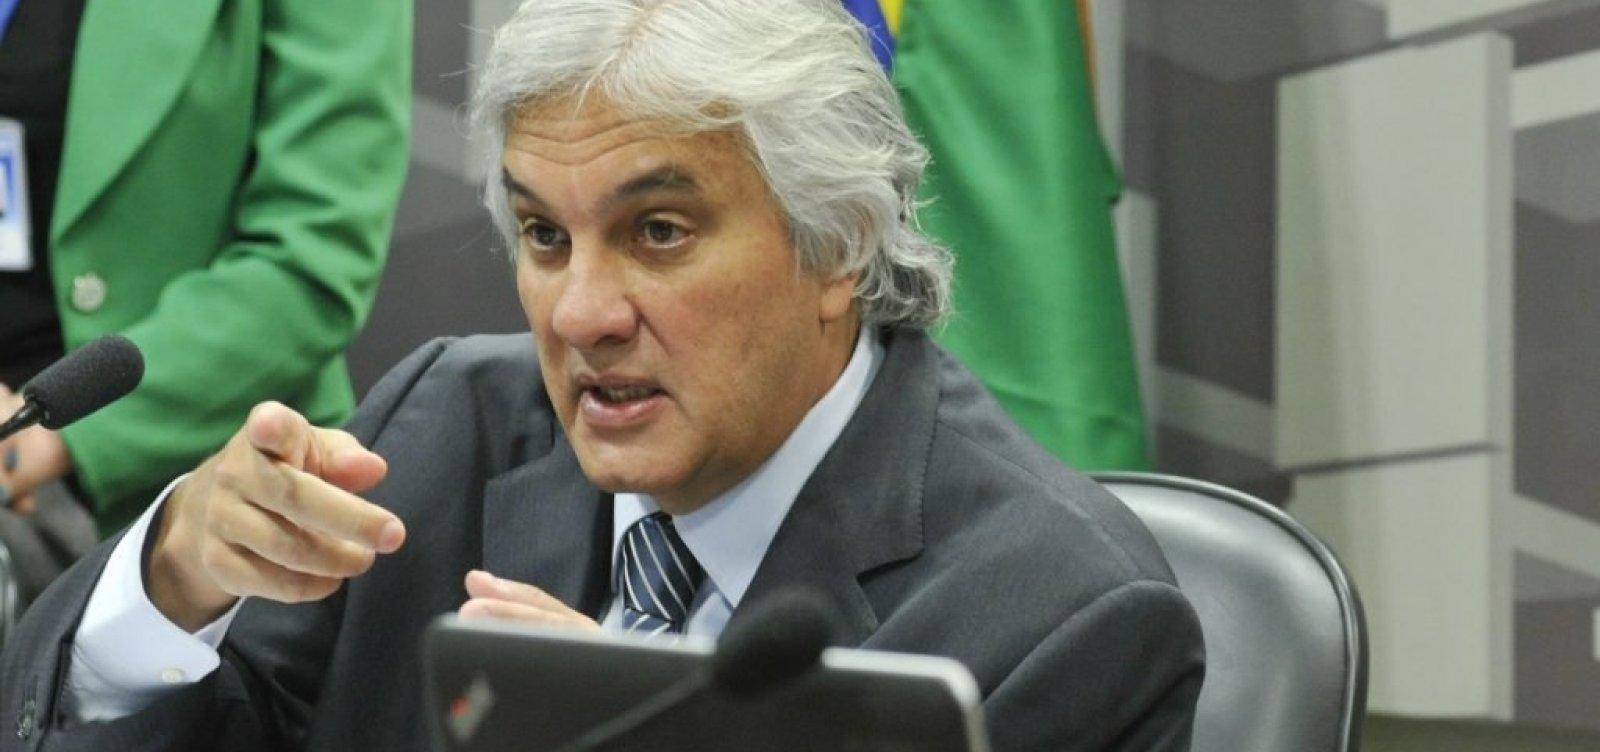 PF prende professor por compra de votos para Delcídio Amaral